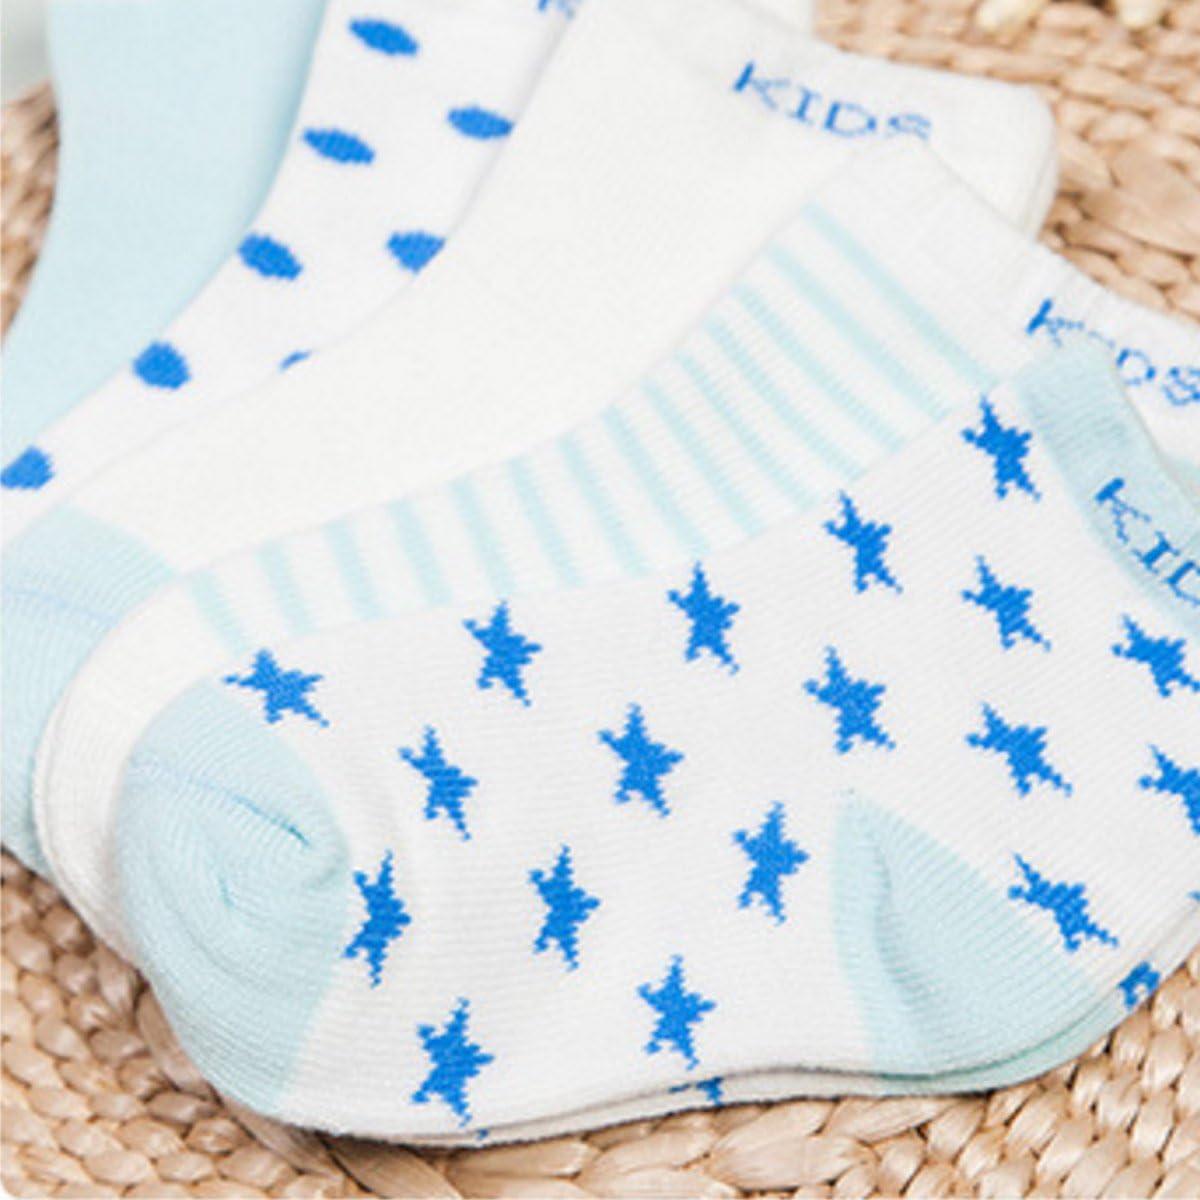 1-12 Jahre Alt Lieblich Kinder Socken Weich Warm Babysocken in verschiedenen Farben Happy Cherry M/ädchen und Jungen 5 Paar Baumwolle Socken